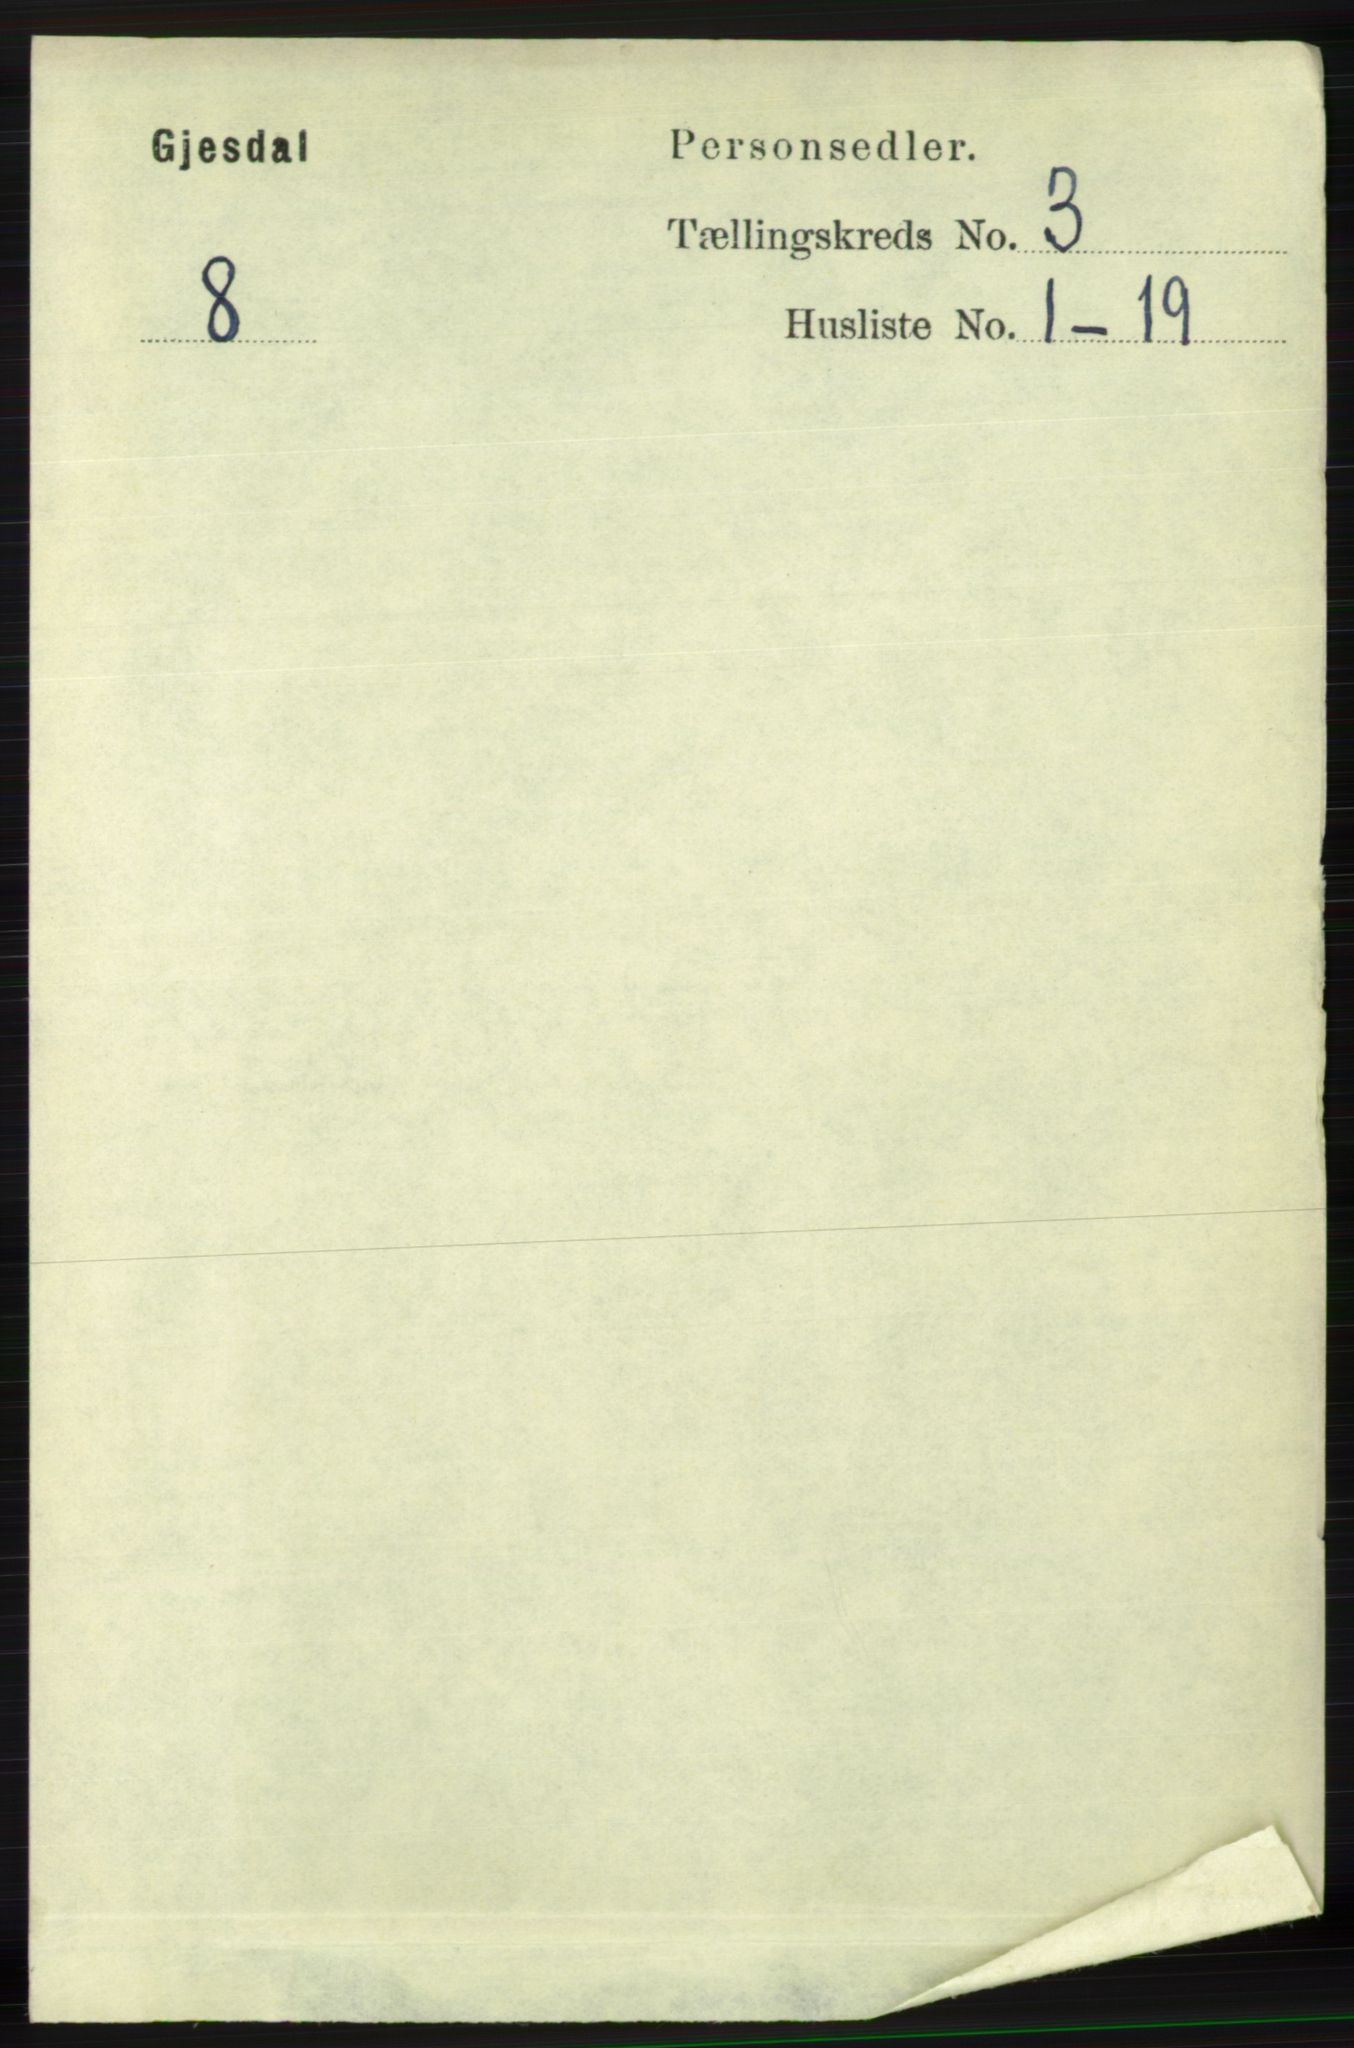 RA, Folketelling 1891 for 1122 Gjesdal herred, 1891, s. 733